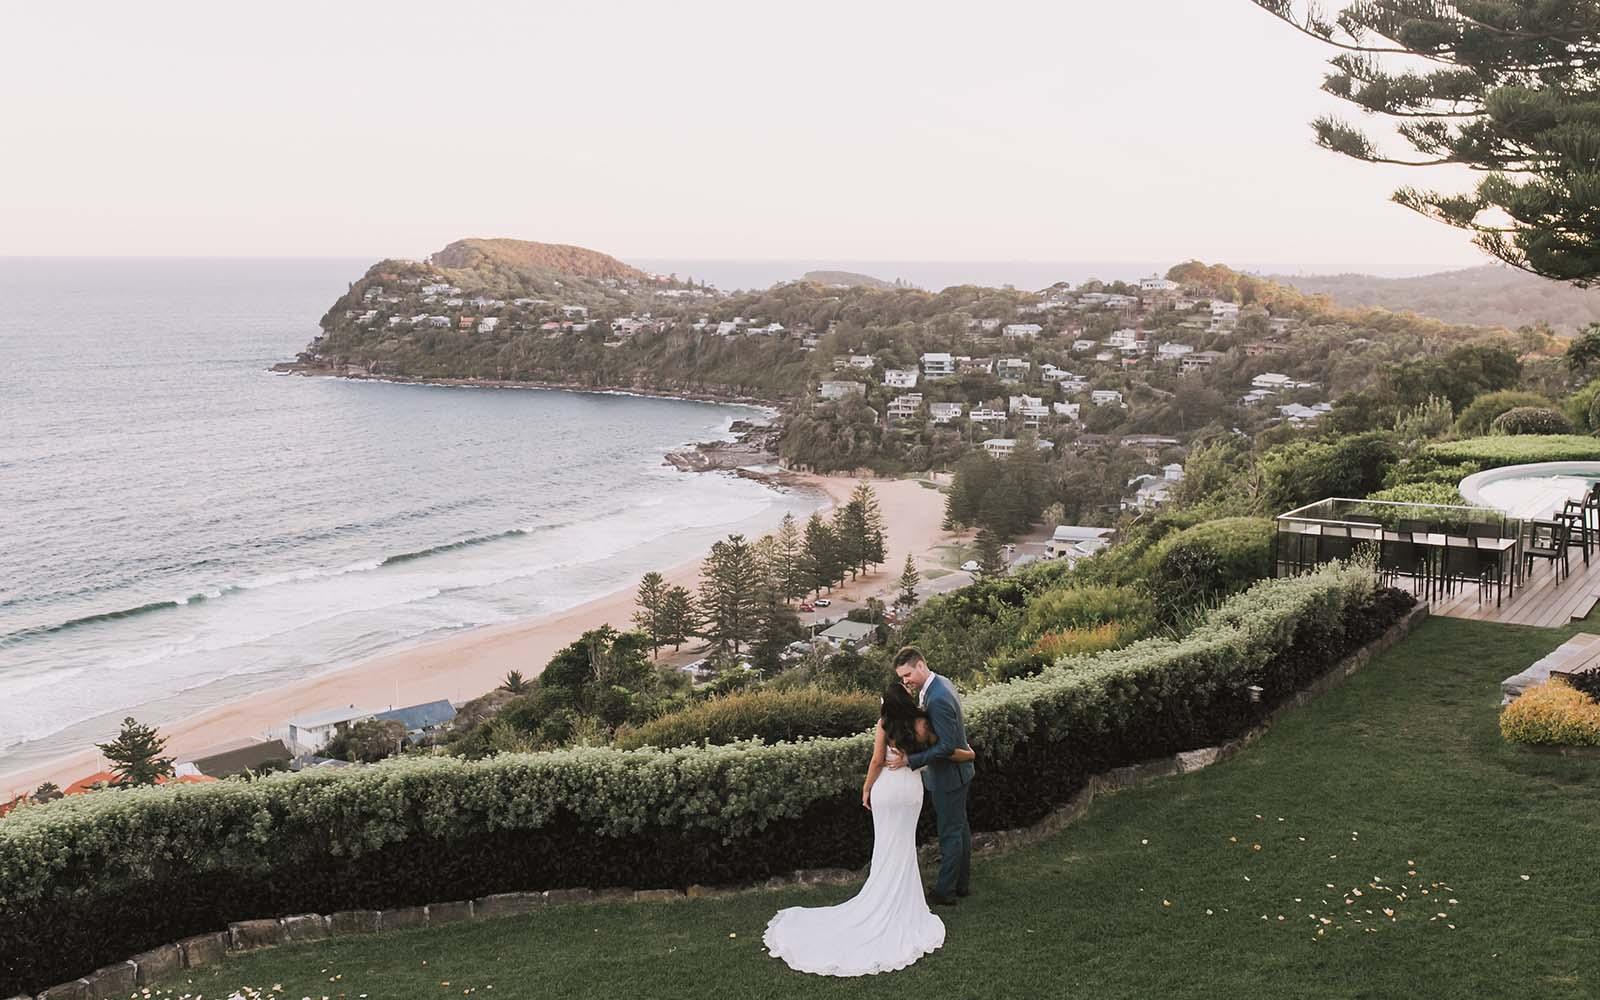 sydney ocean wedding venue